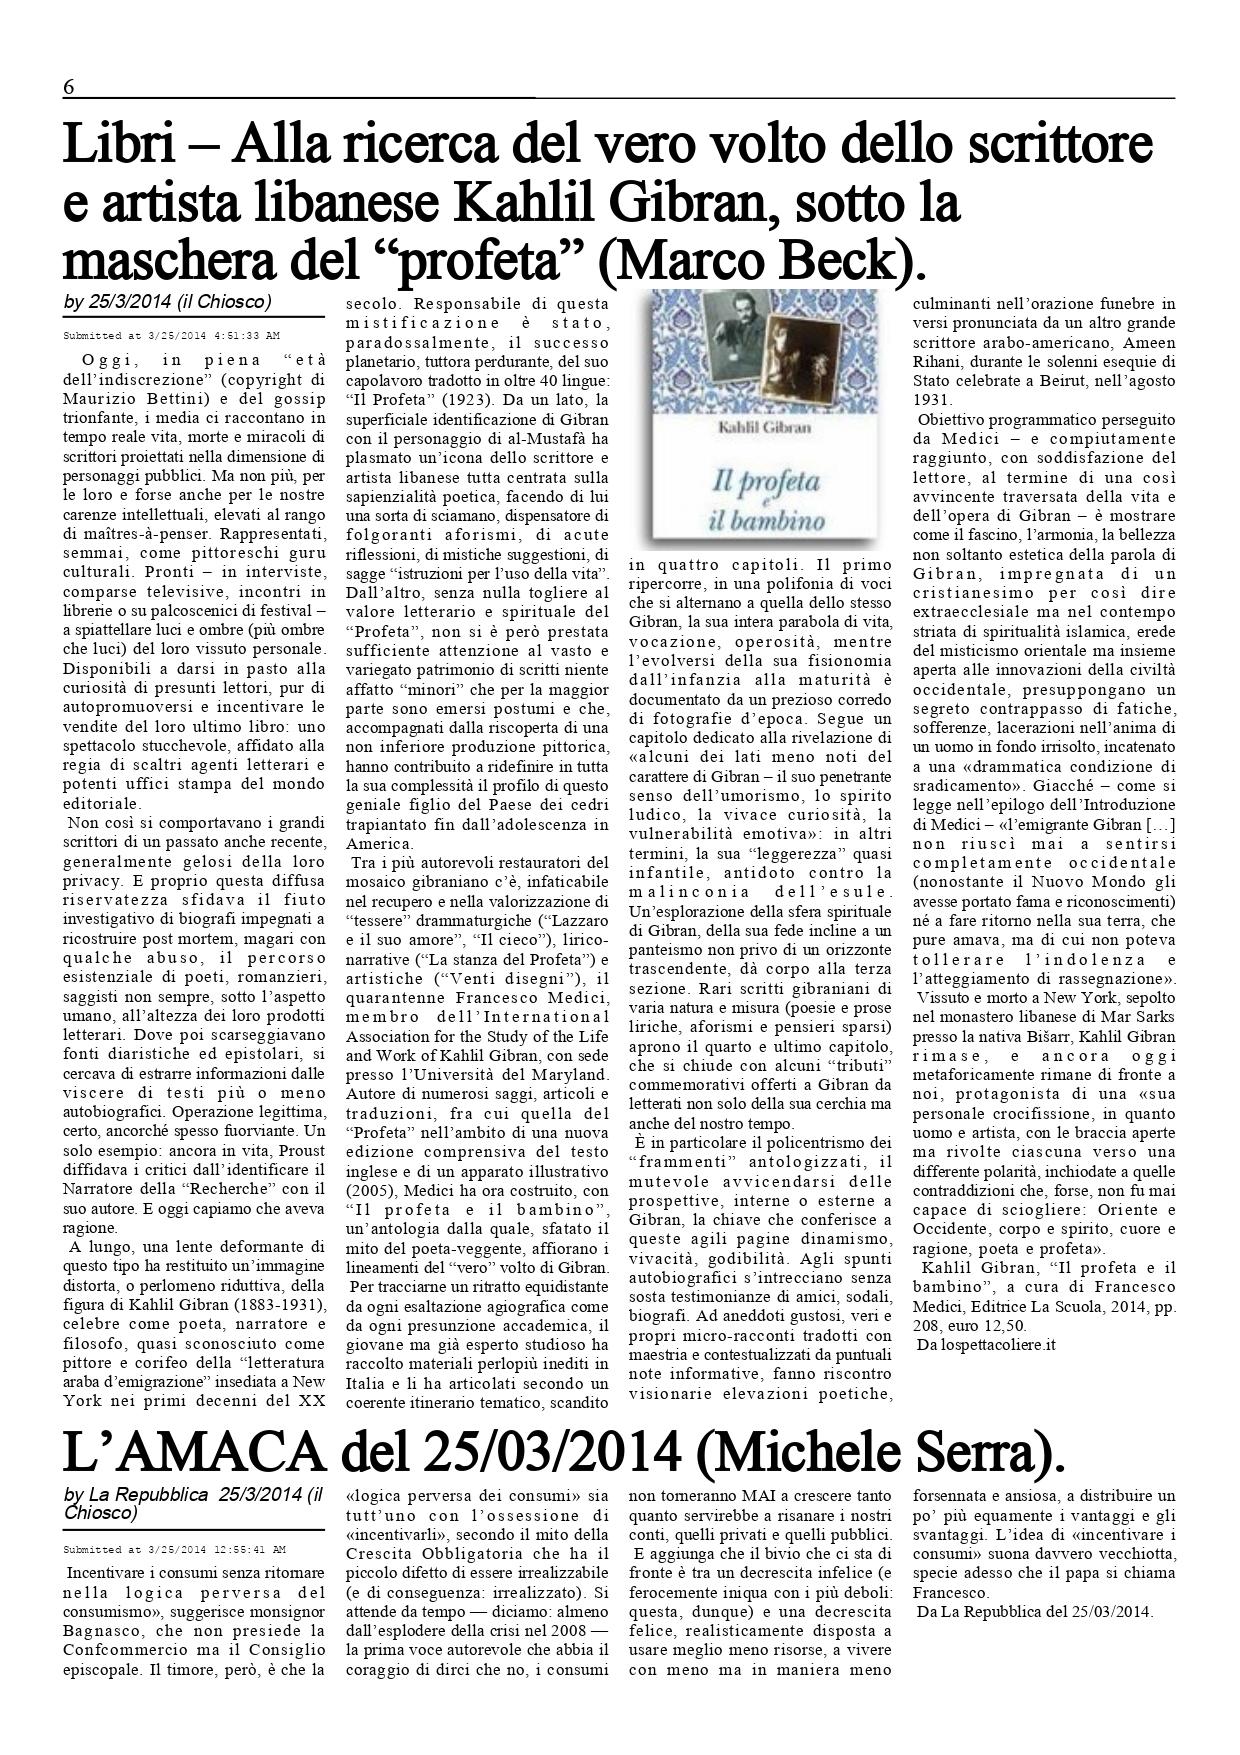 """Marco Beck, """"Alla ricerca del vero volto dello scrittore e artista libanese Kahlil Gibran, sotto la maschera del 'profeta'"""", Il Chiosco, Mar 25, 2014, p. 6 (review)"""